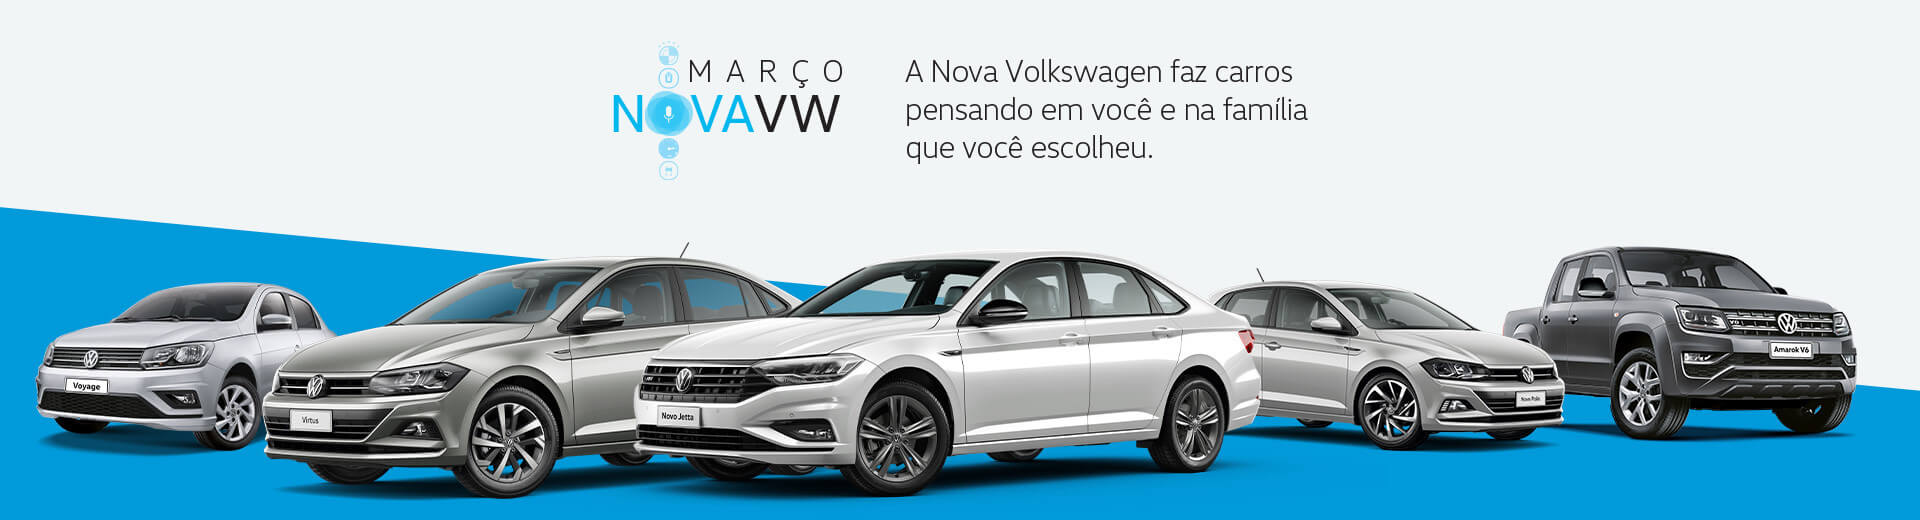 Março Nova VW!